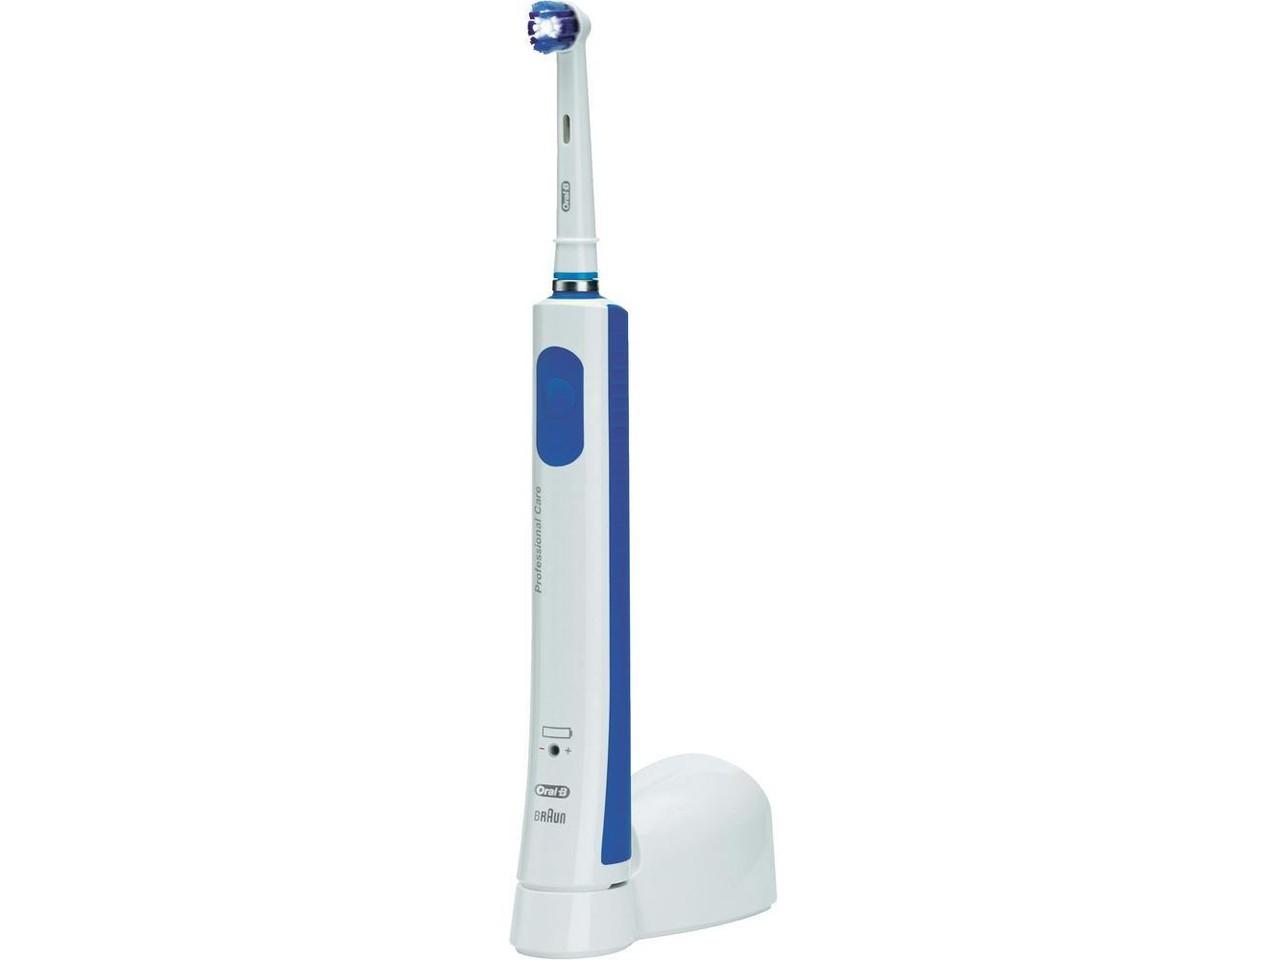 La evoluci n del cepillo de dientes dental vall s - Cepillos electricos de carpintero ...